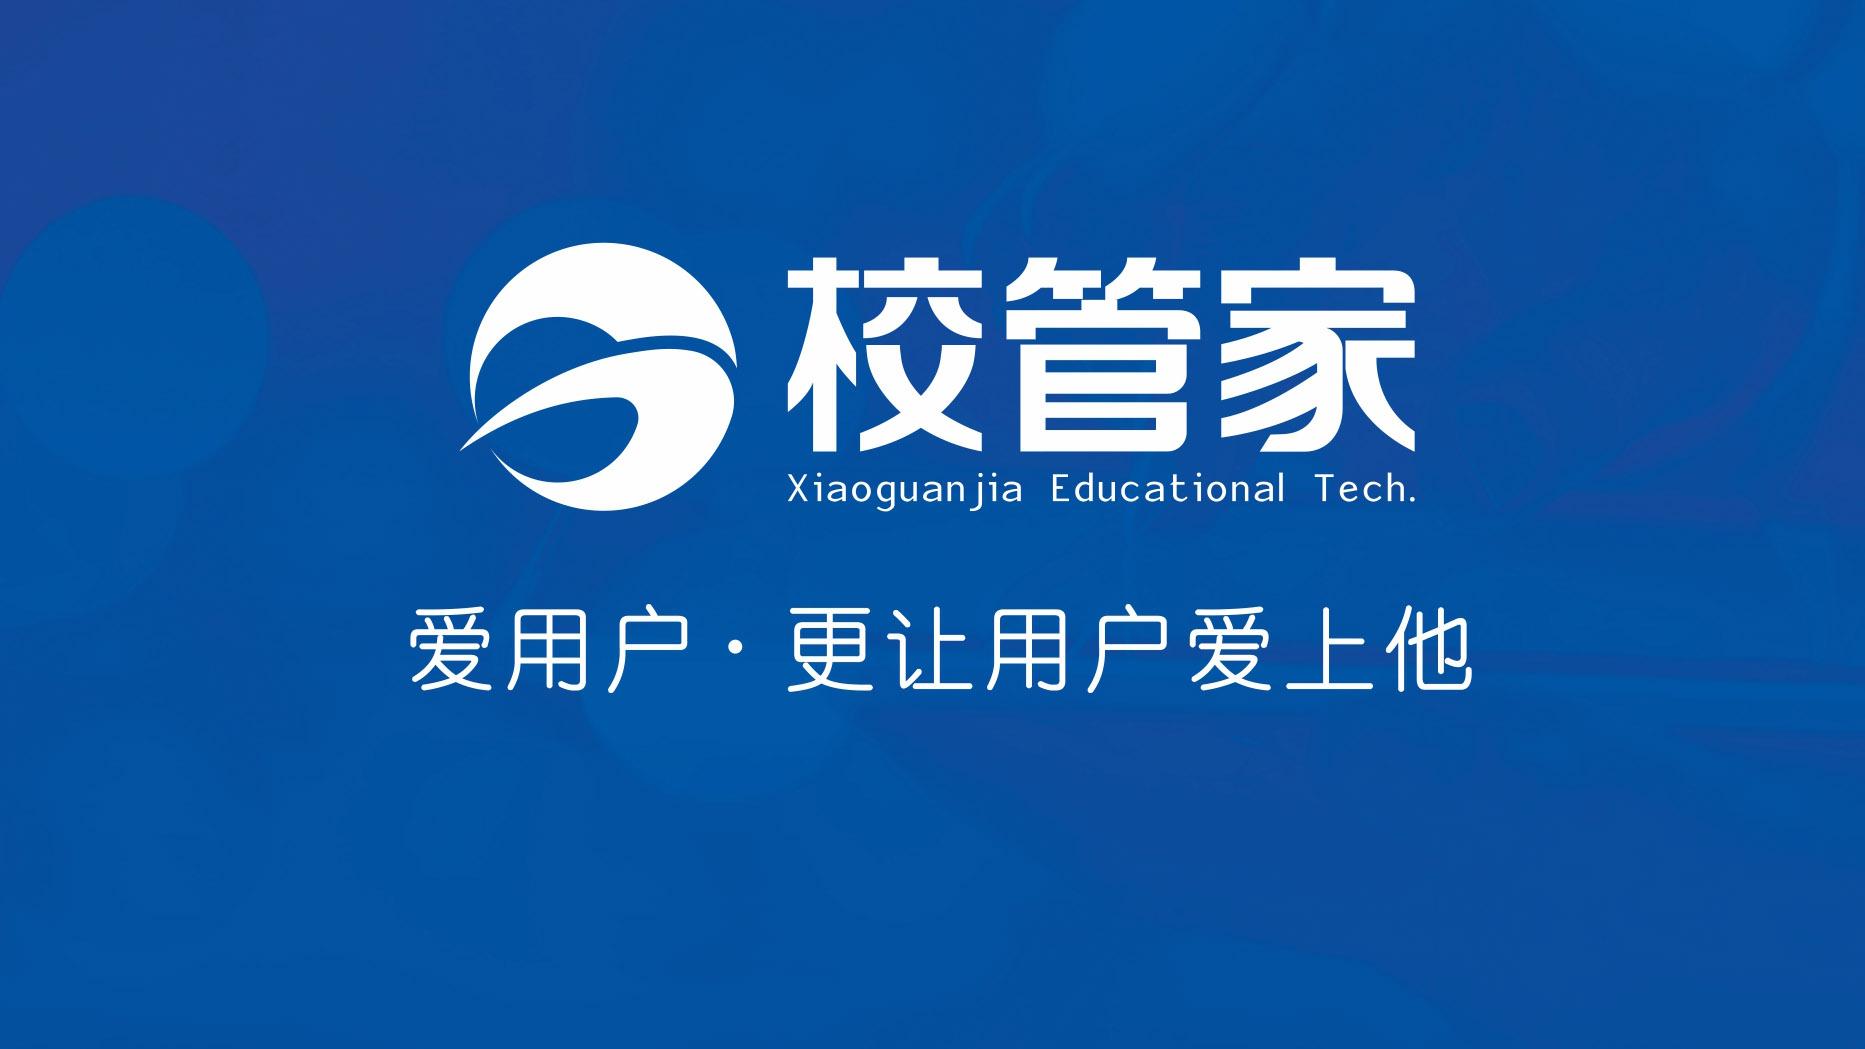 我们推荐上海培训管理系统_培训管理系统网址相关-长沙市校管家教育科技有限公司